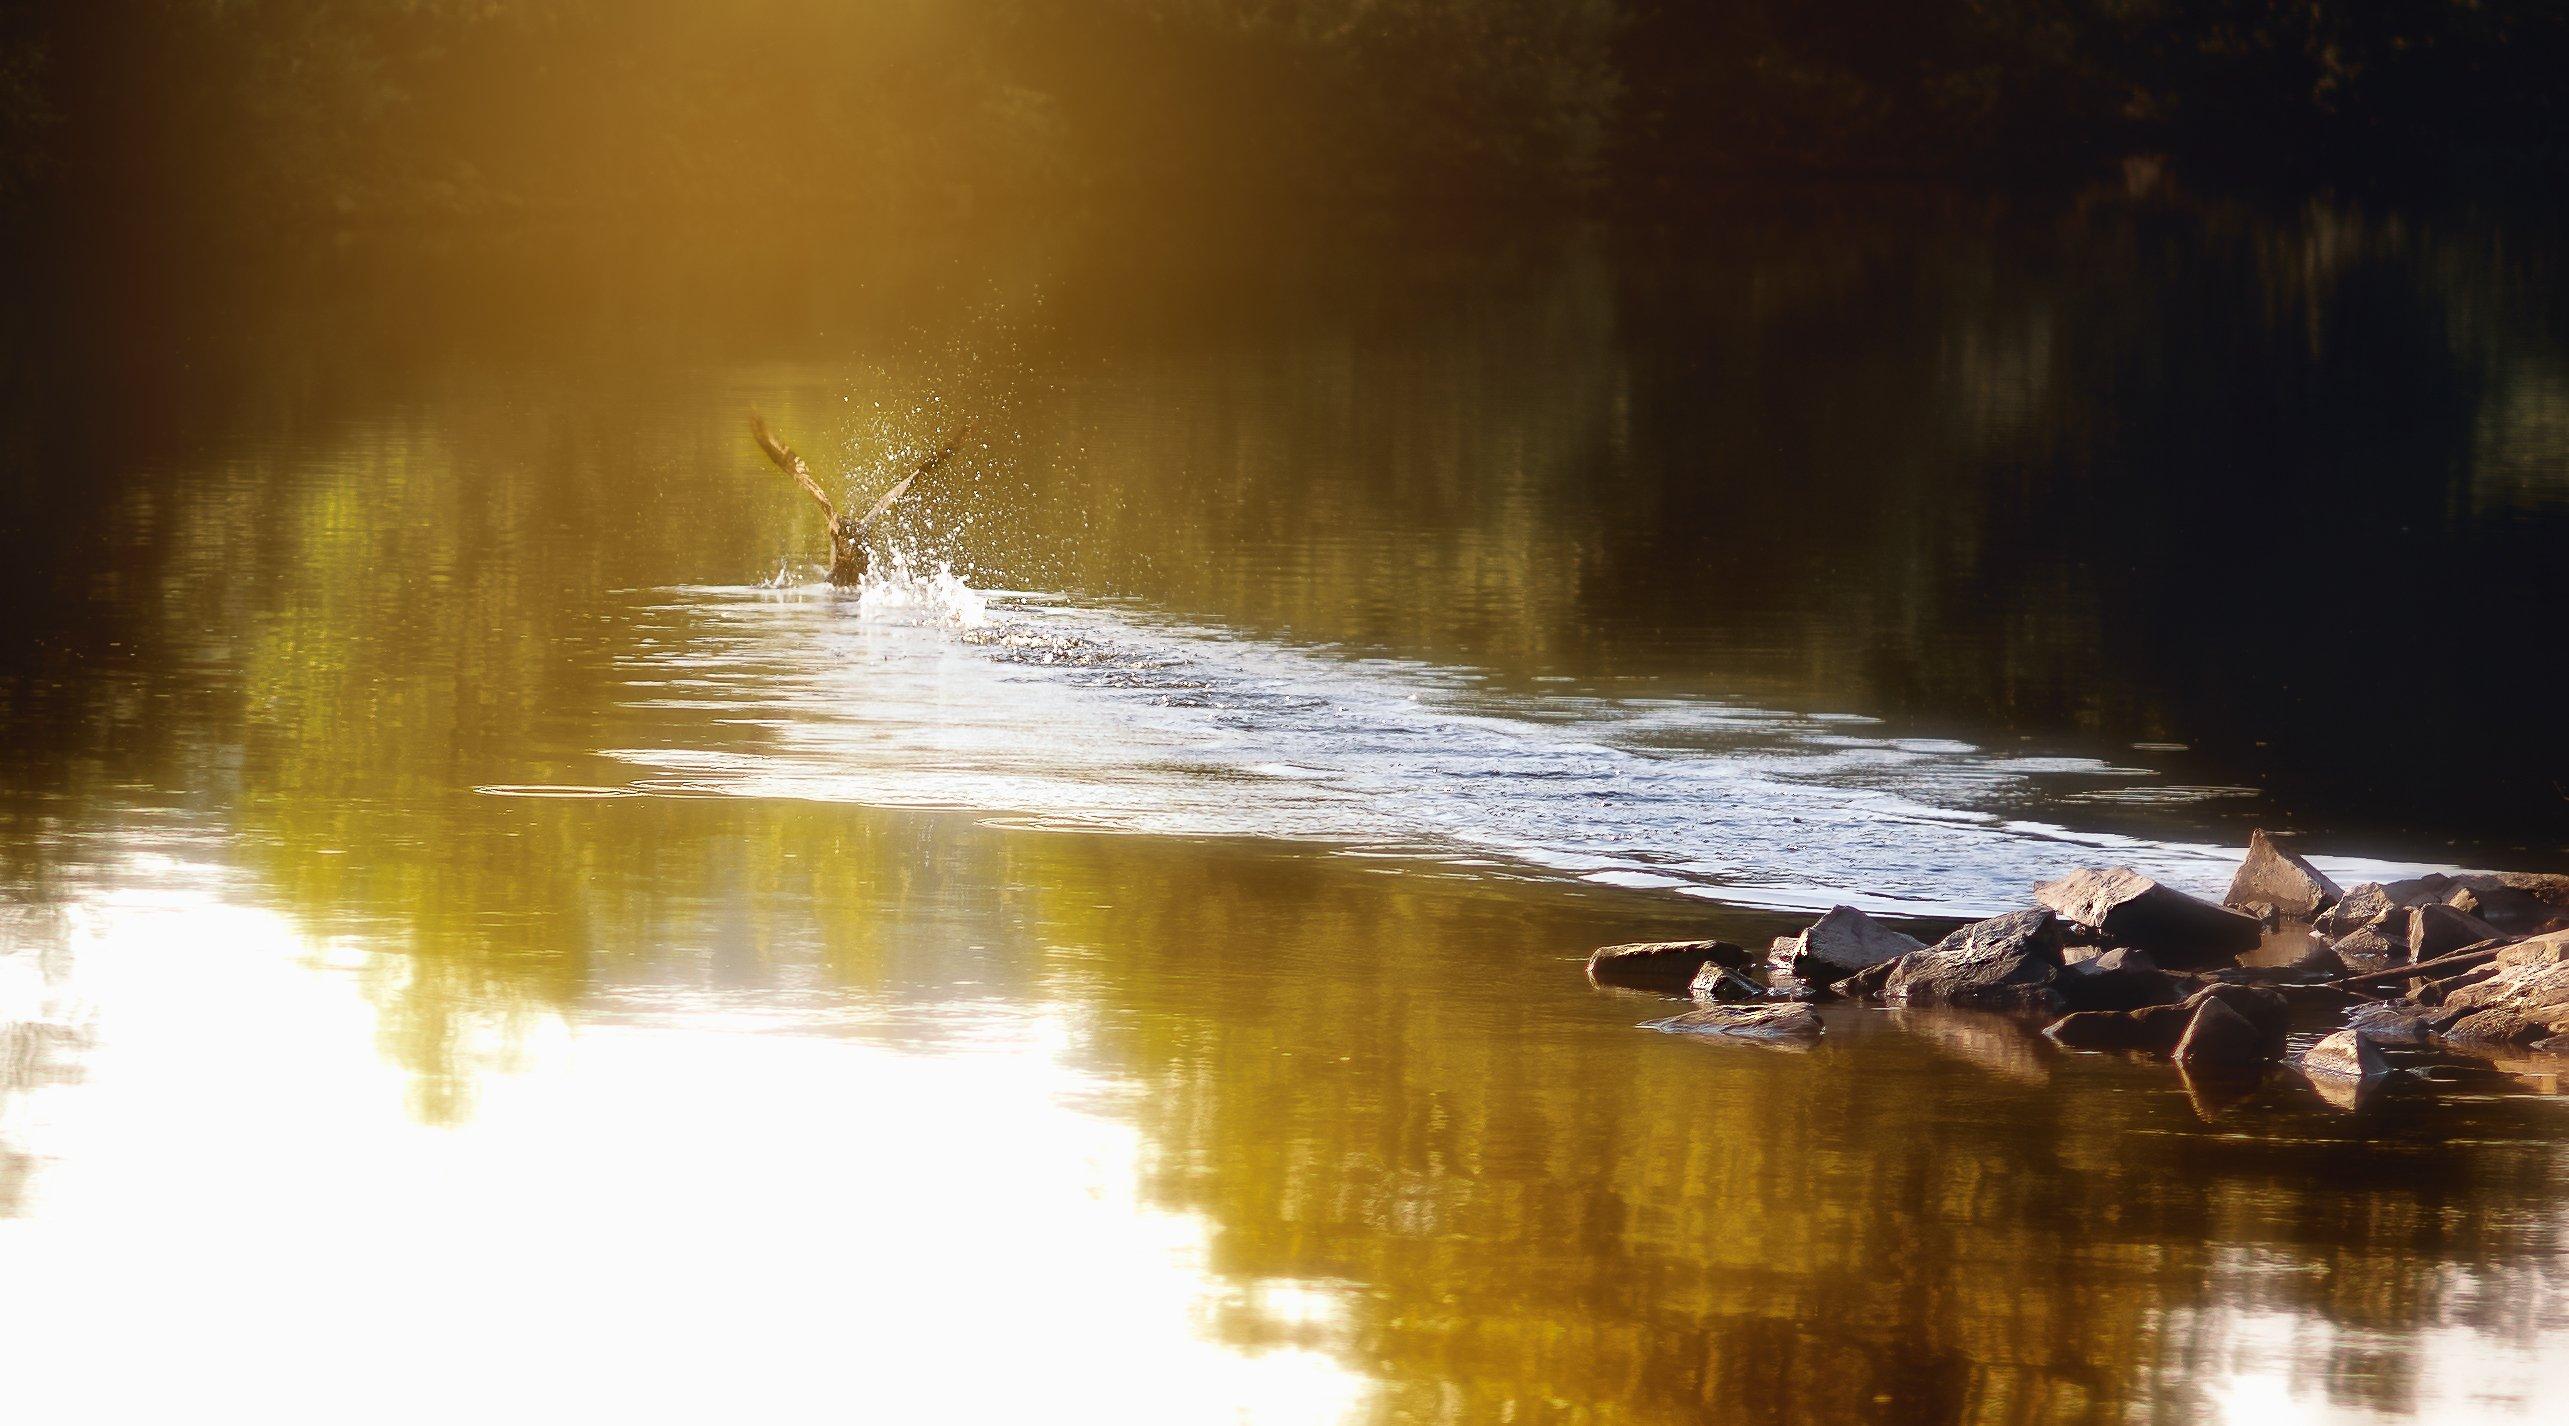 Камни, На воде, Природа, Река, Следы, Траектория, Утка, Утро, Сергей Нестеров